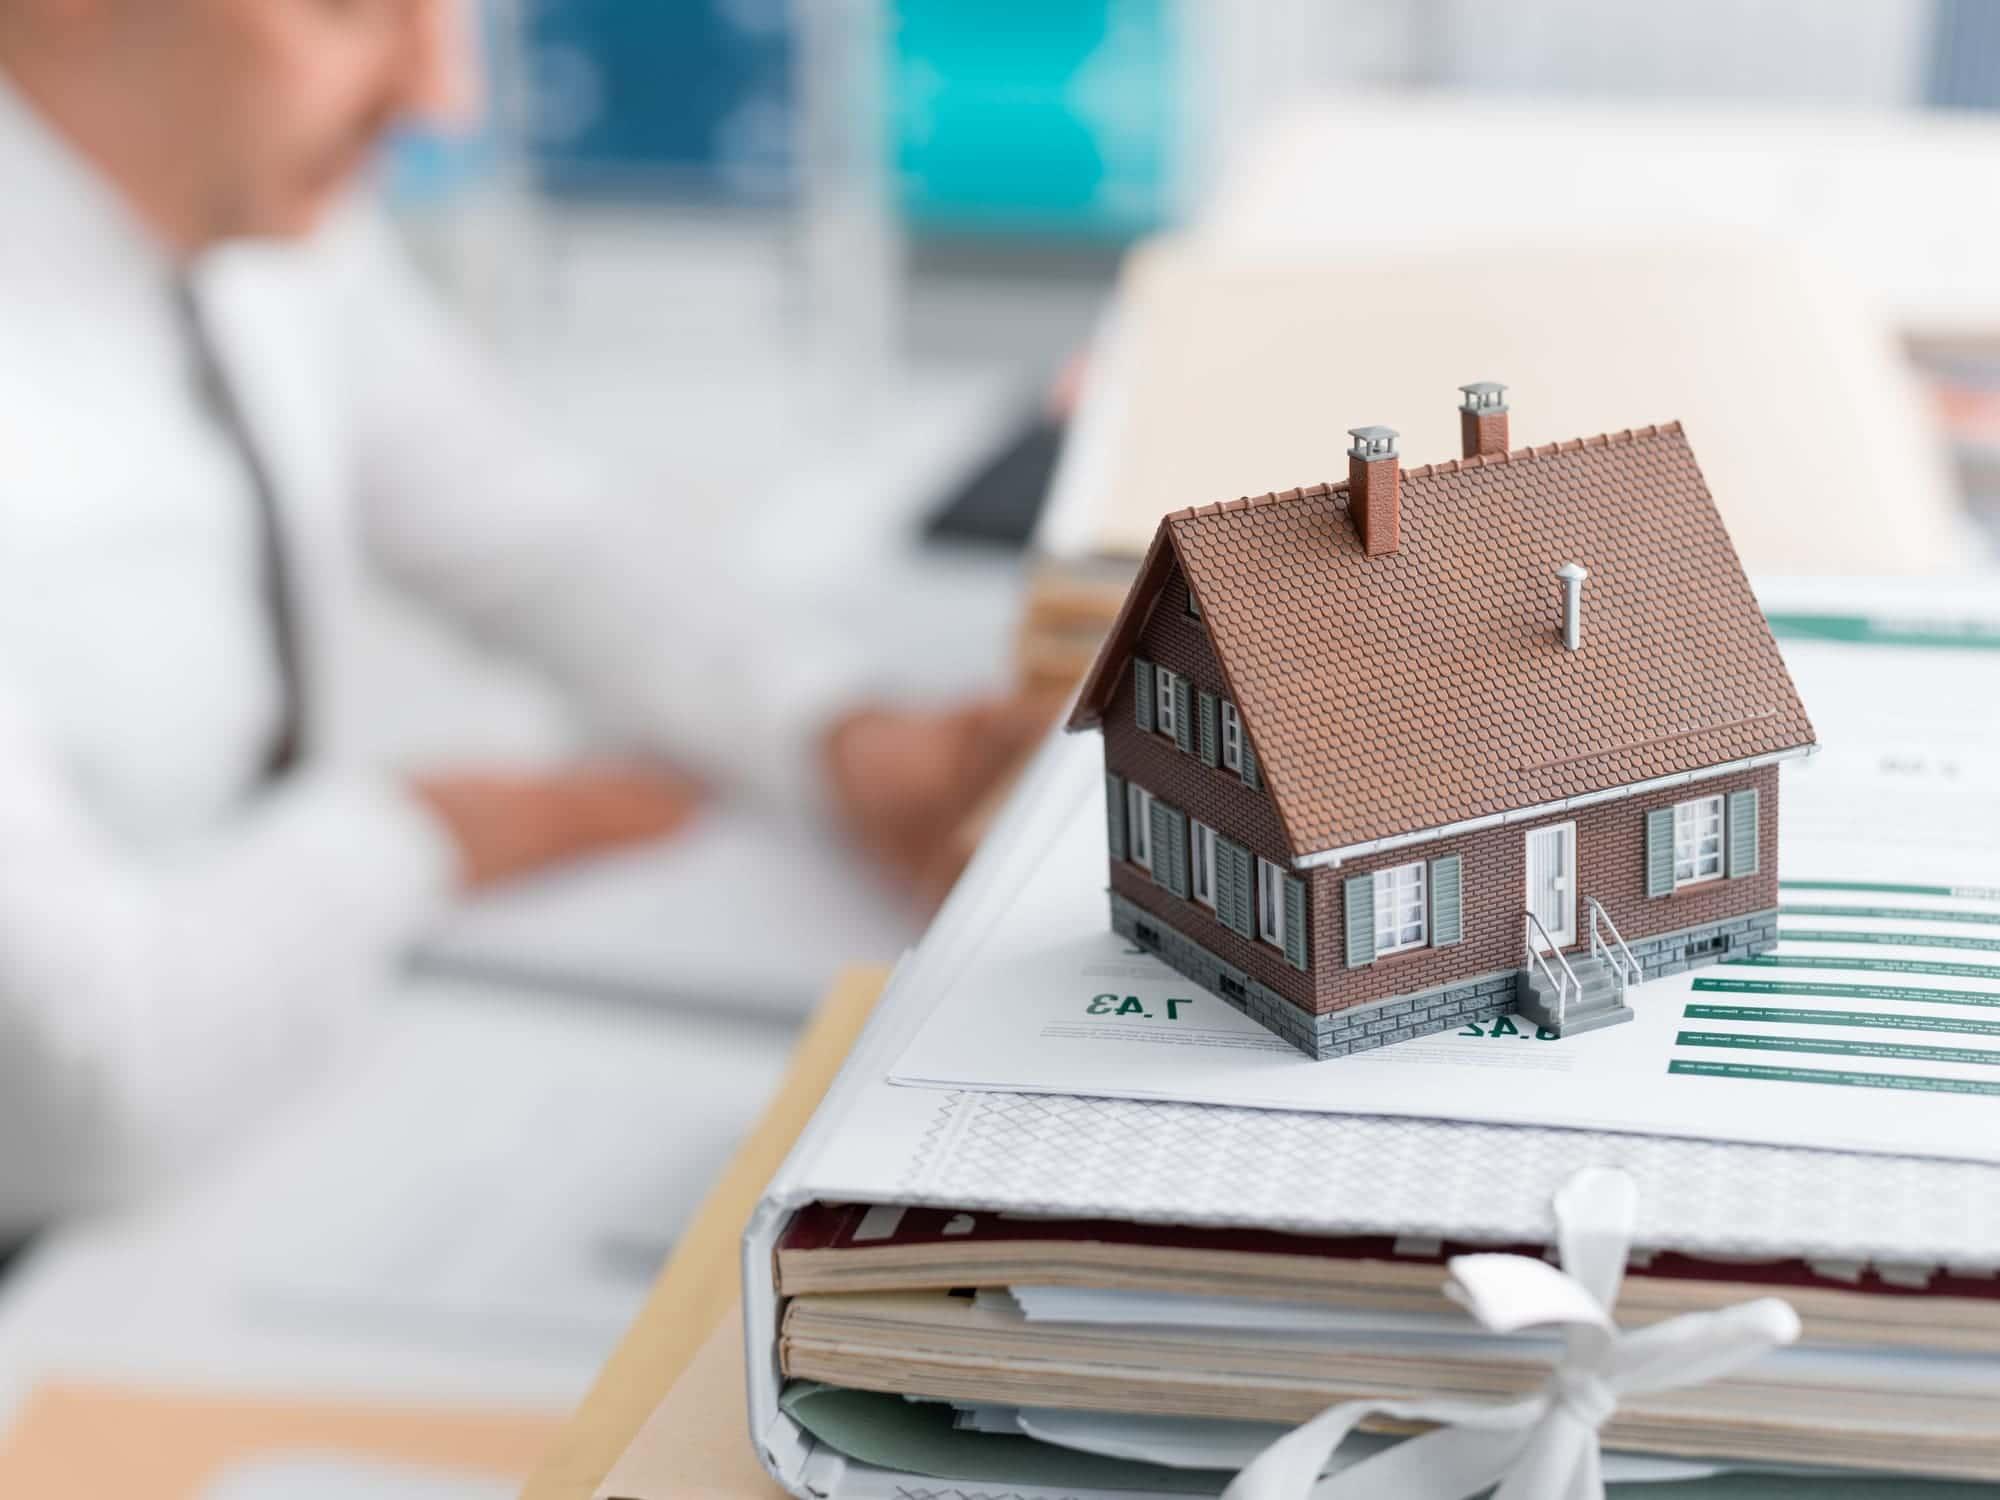 Какие нужны документы для оформления квартиры в собственность в Санкт-Петербурге